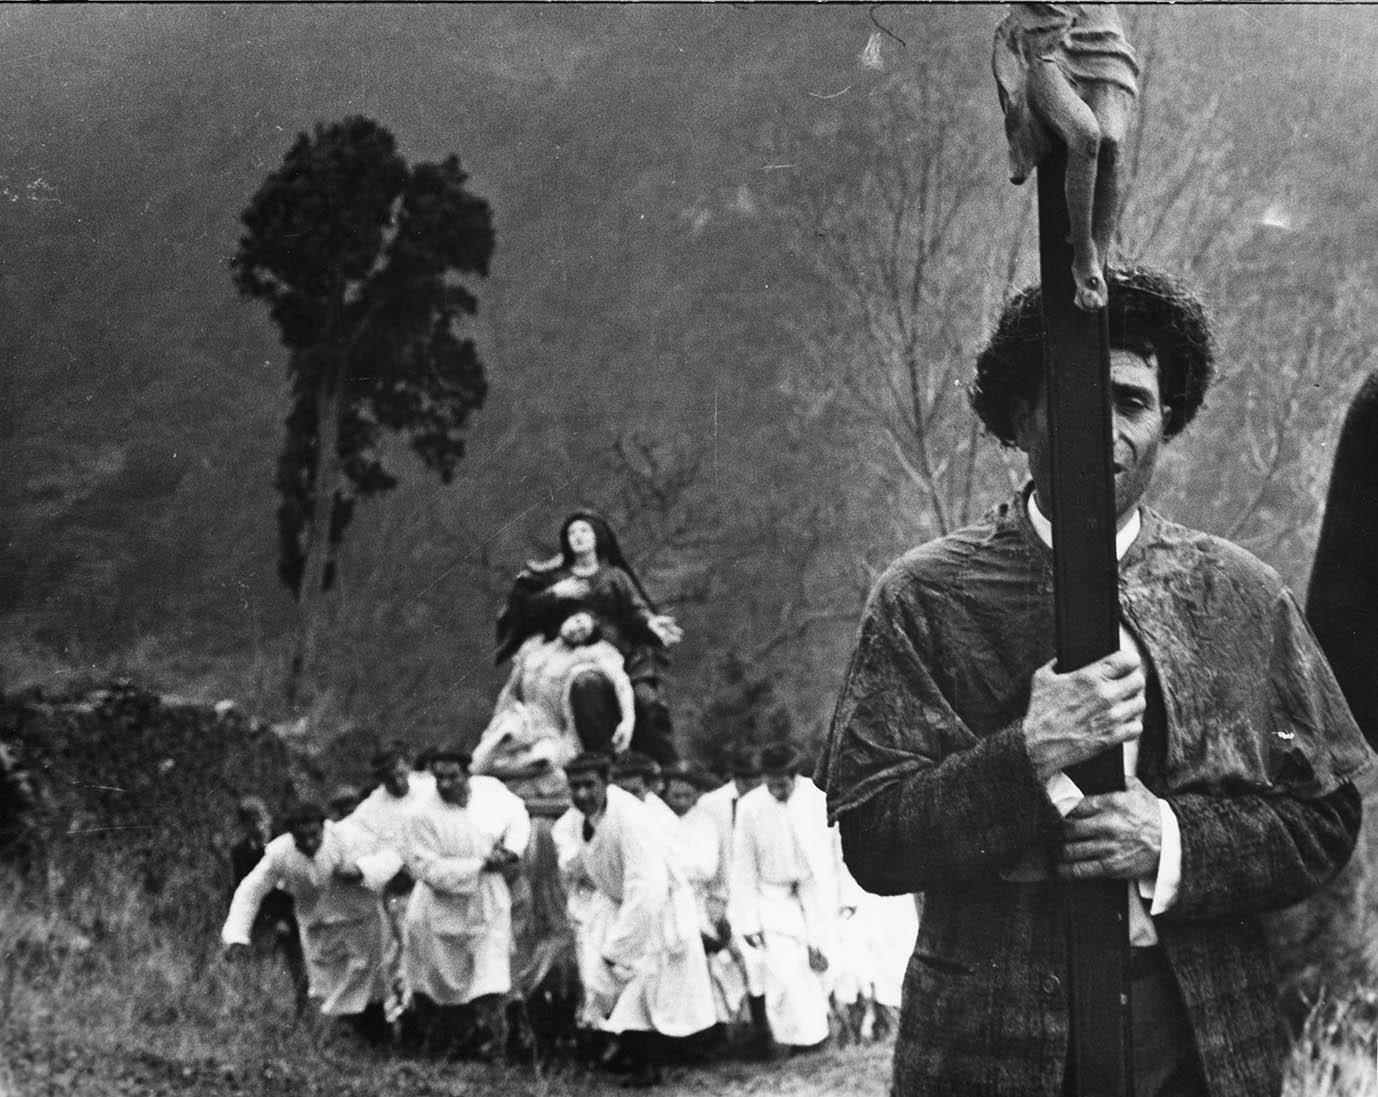 CSAC: Marialba Russo, Rituali festivi dell'Italia meridionale, 1973-77